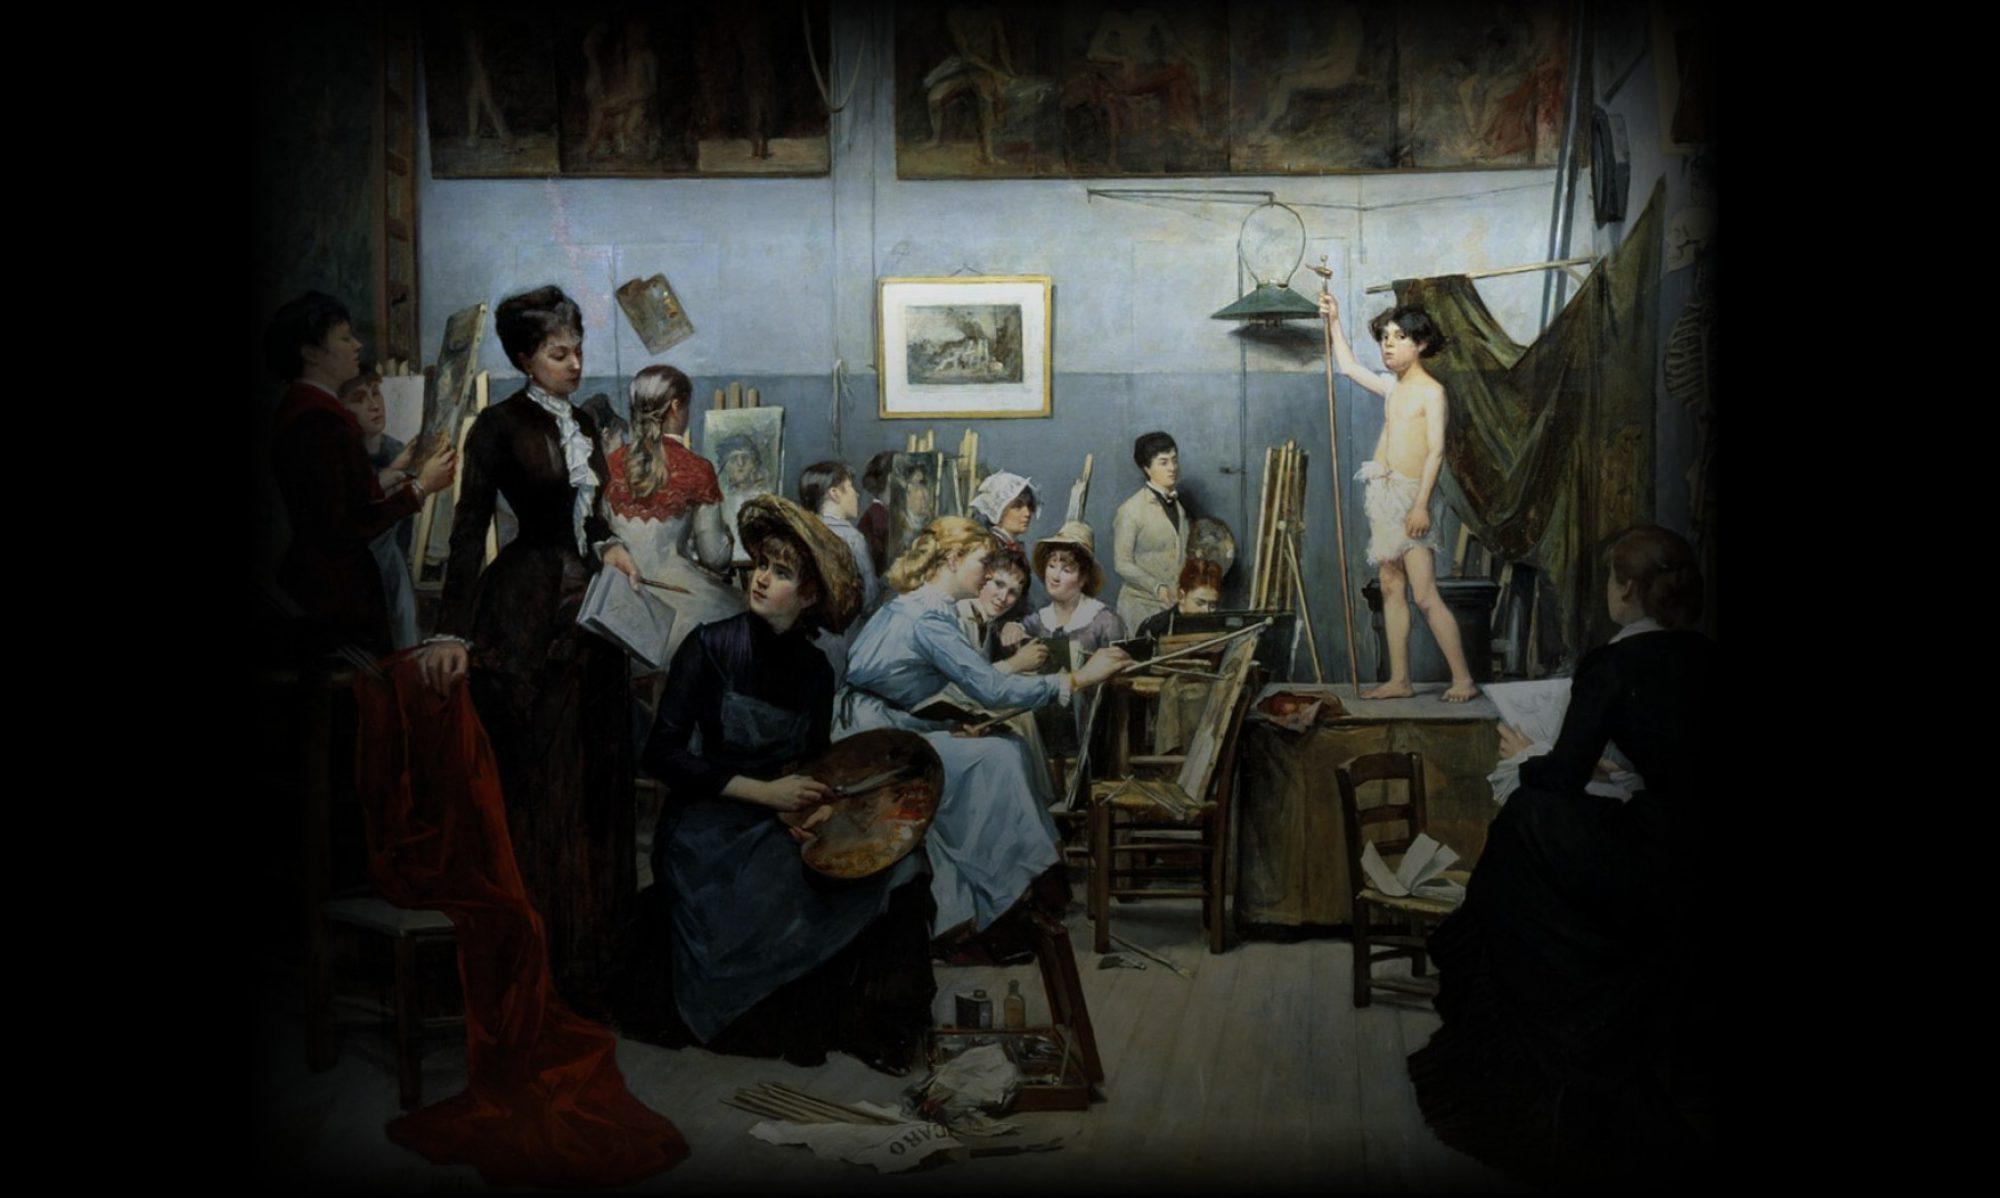 Las mujeres y el universo de las artes, una narración todavía incompleta